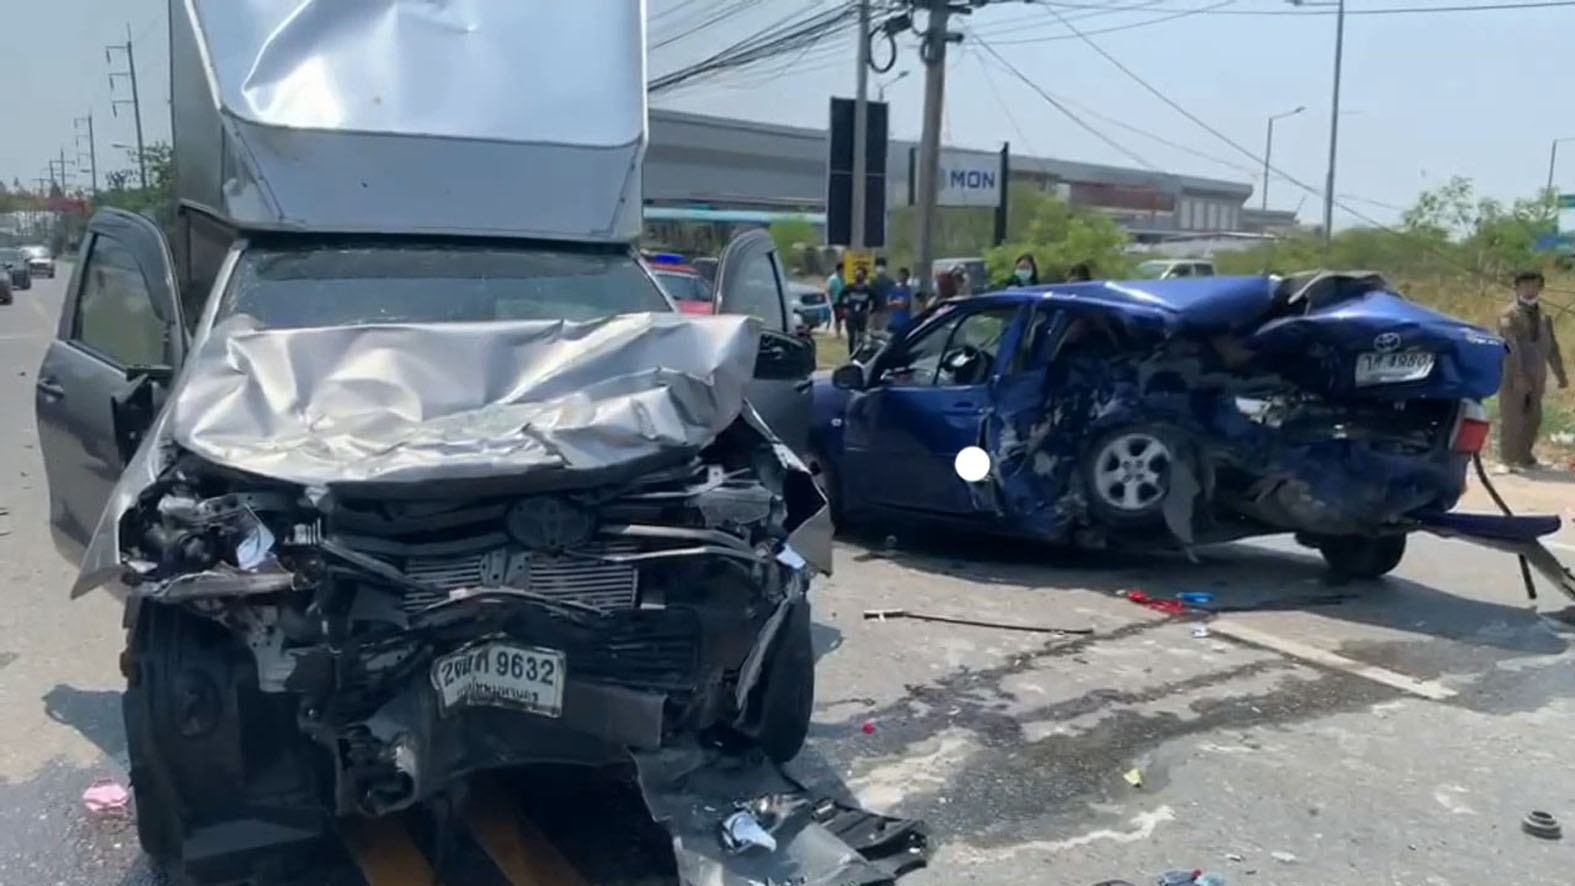 หนุ่มซิ่งรถเก๋งเสียหลักรถหมุนเคว้งกลางถนนพุ่งข้ามเลนชนรถกระบะดับ 1 เจ็บสาหัส 3